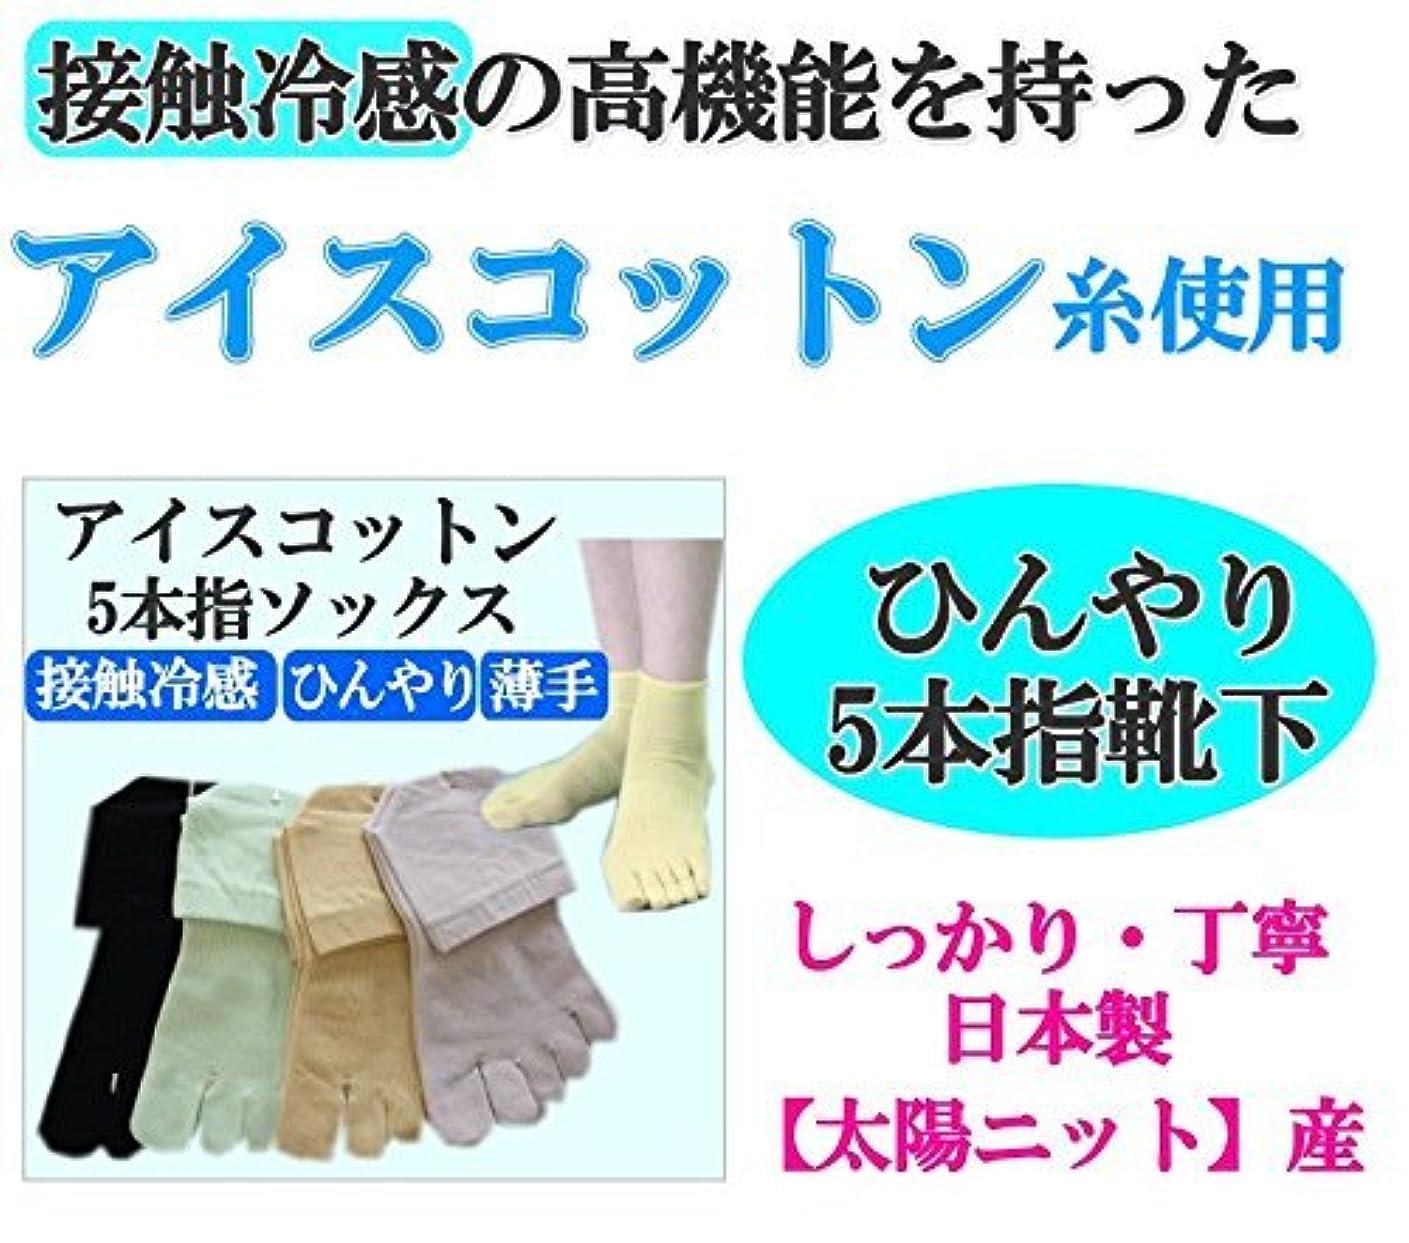 可塑性レールドット女性用 綿100糸使用 薄手 接触冷感 5本指 ソックス ひんやり 22-24cm 太陽ニット (ベージュ)